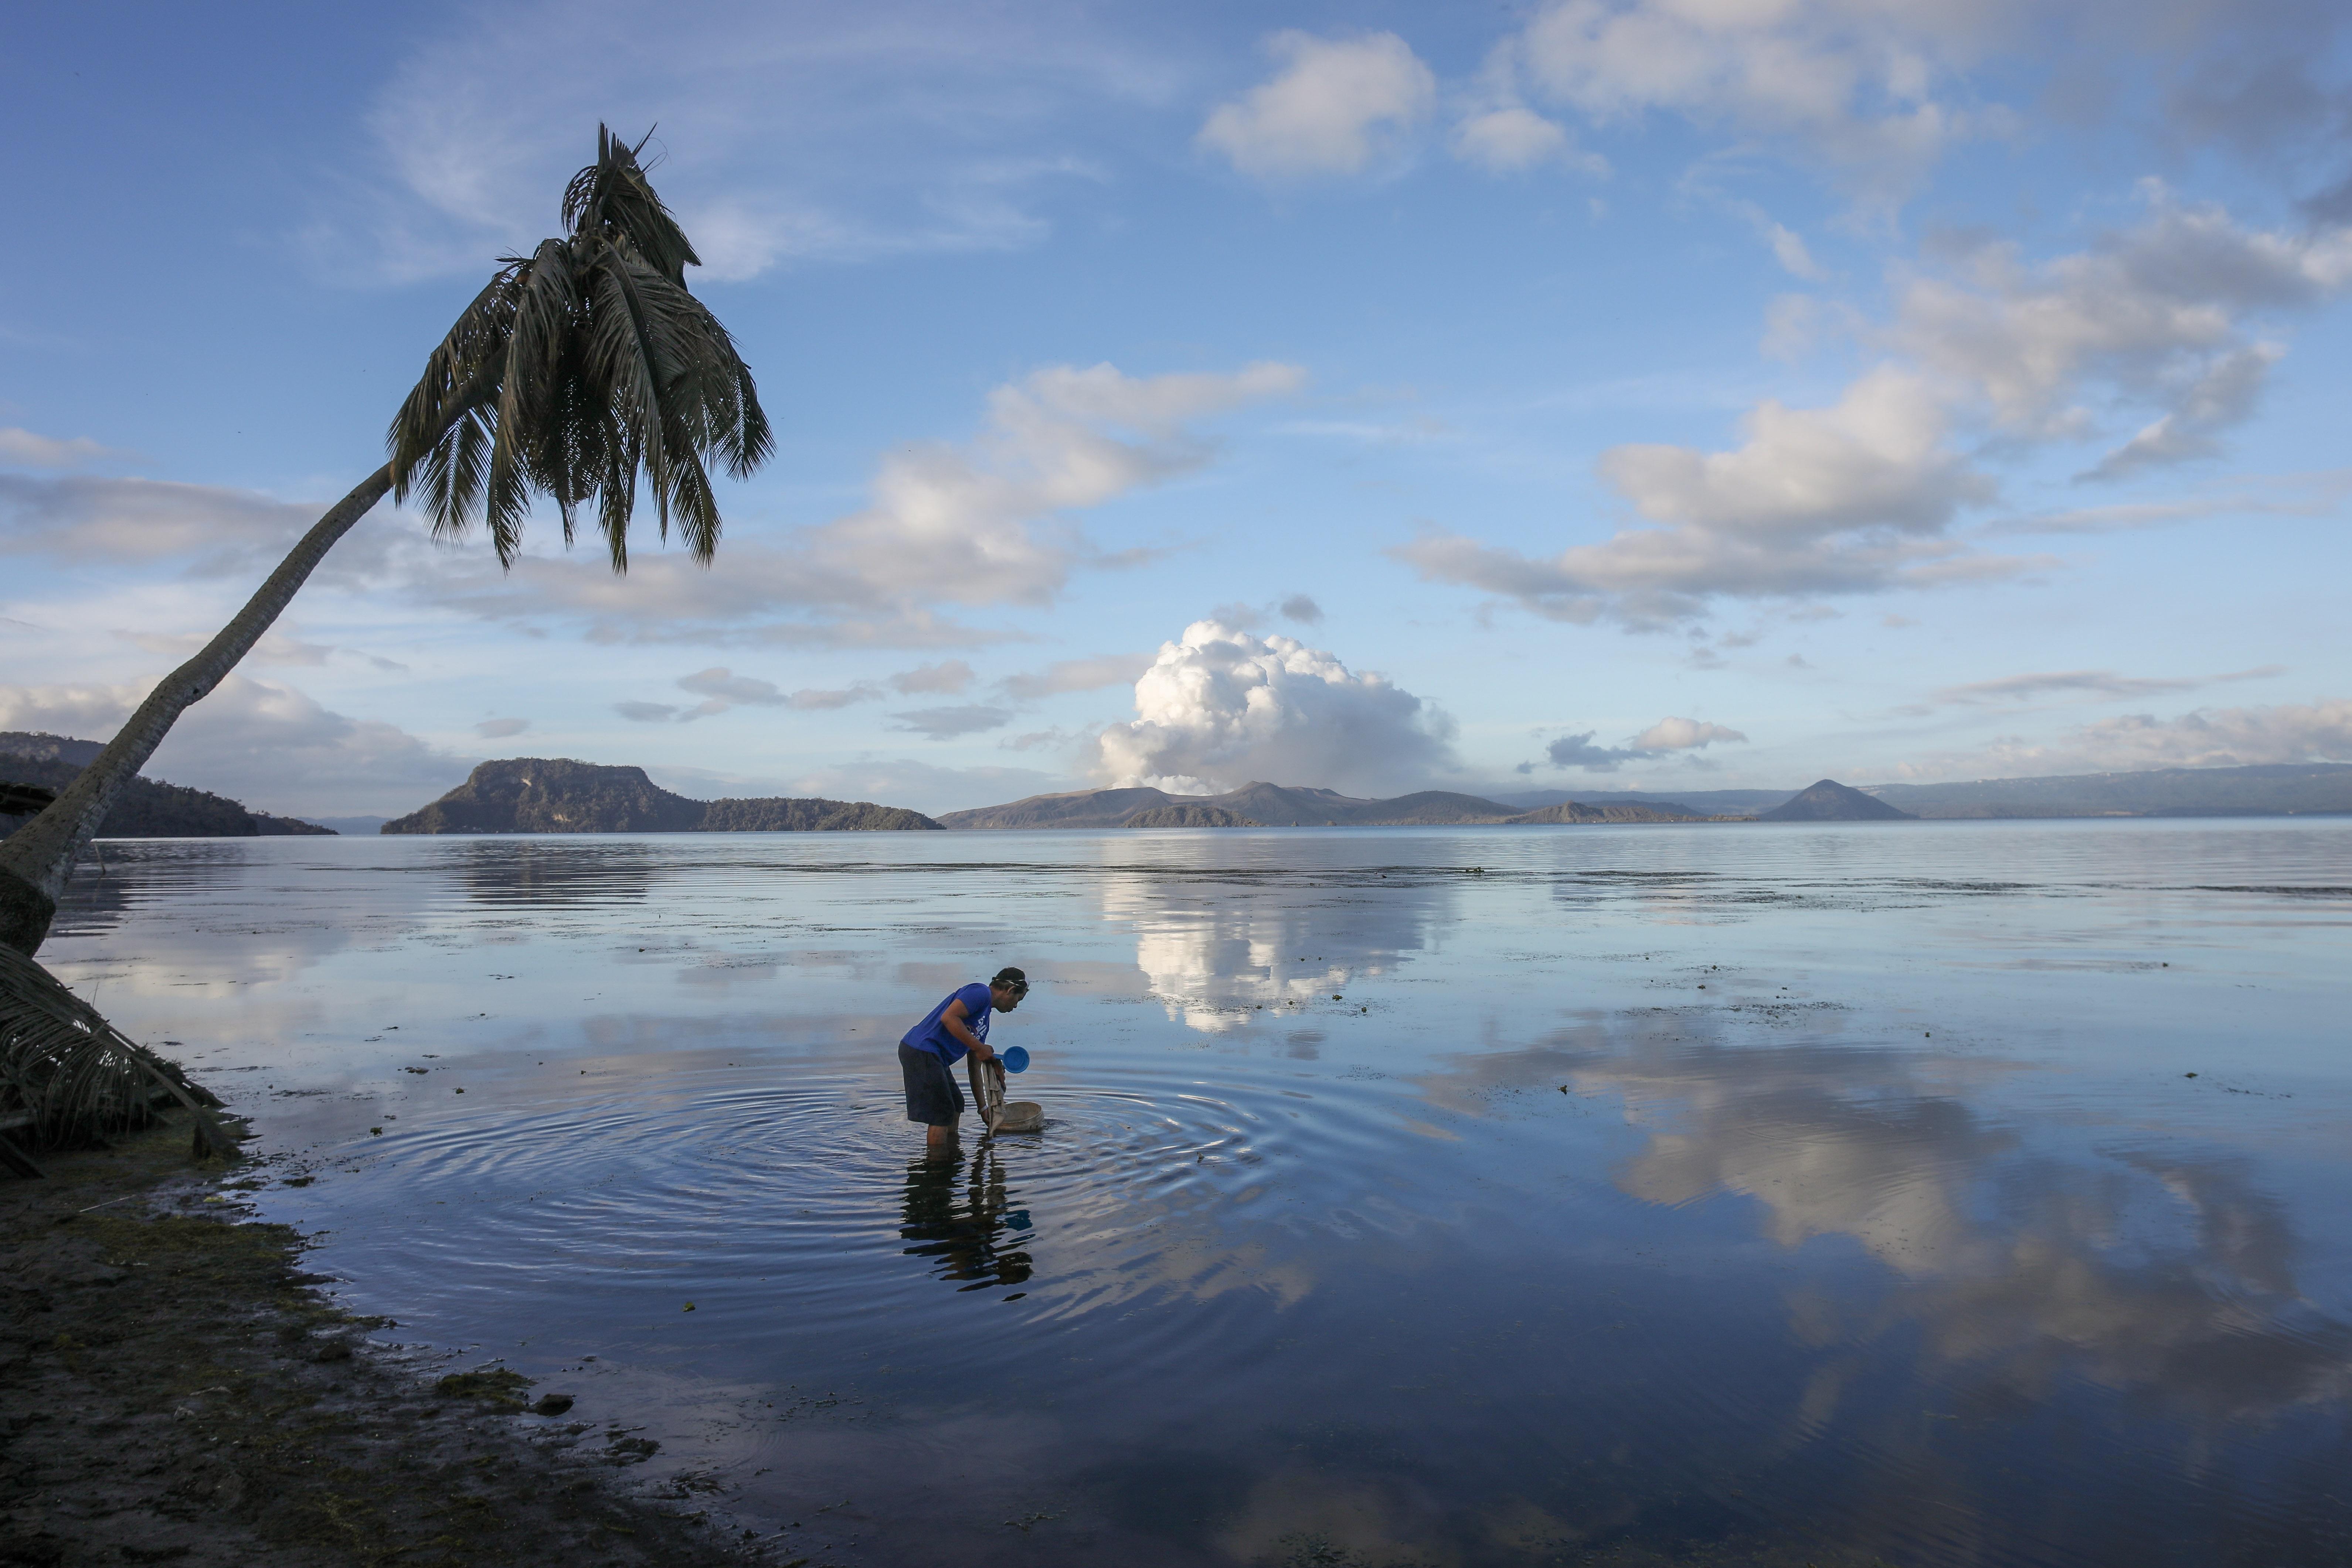 El volcán Taal arroja lava a media milla de altura y tiembla con terremotos constantemente mientras miles de personas huyen de las aldeas oscuras. y cubierto por una pesada ceniza. (EFE)